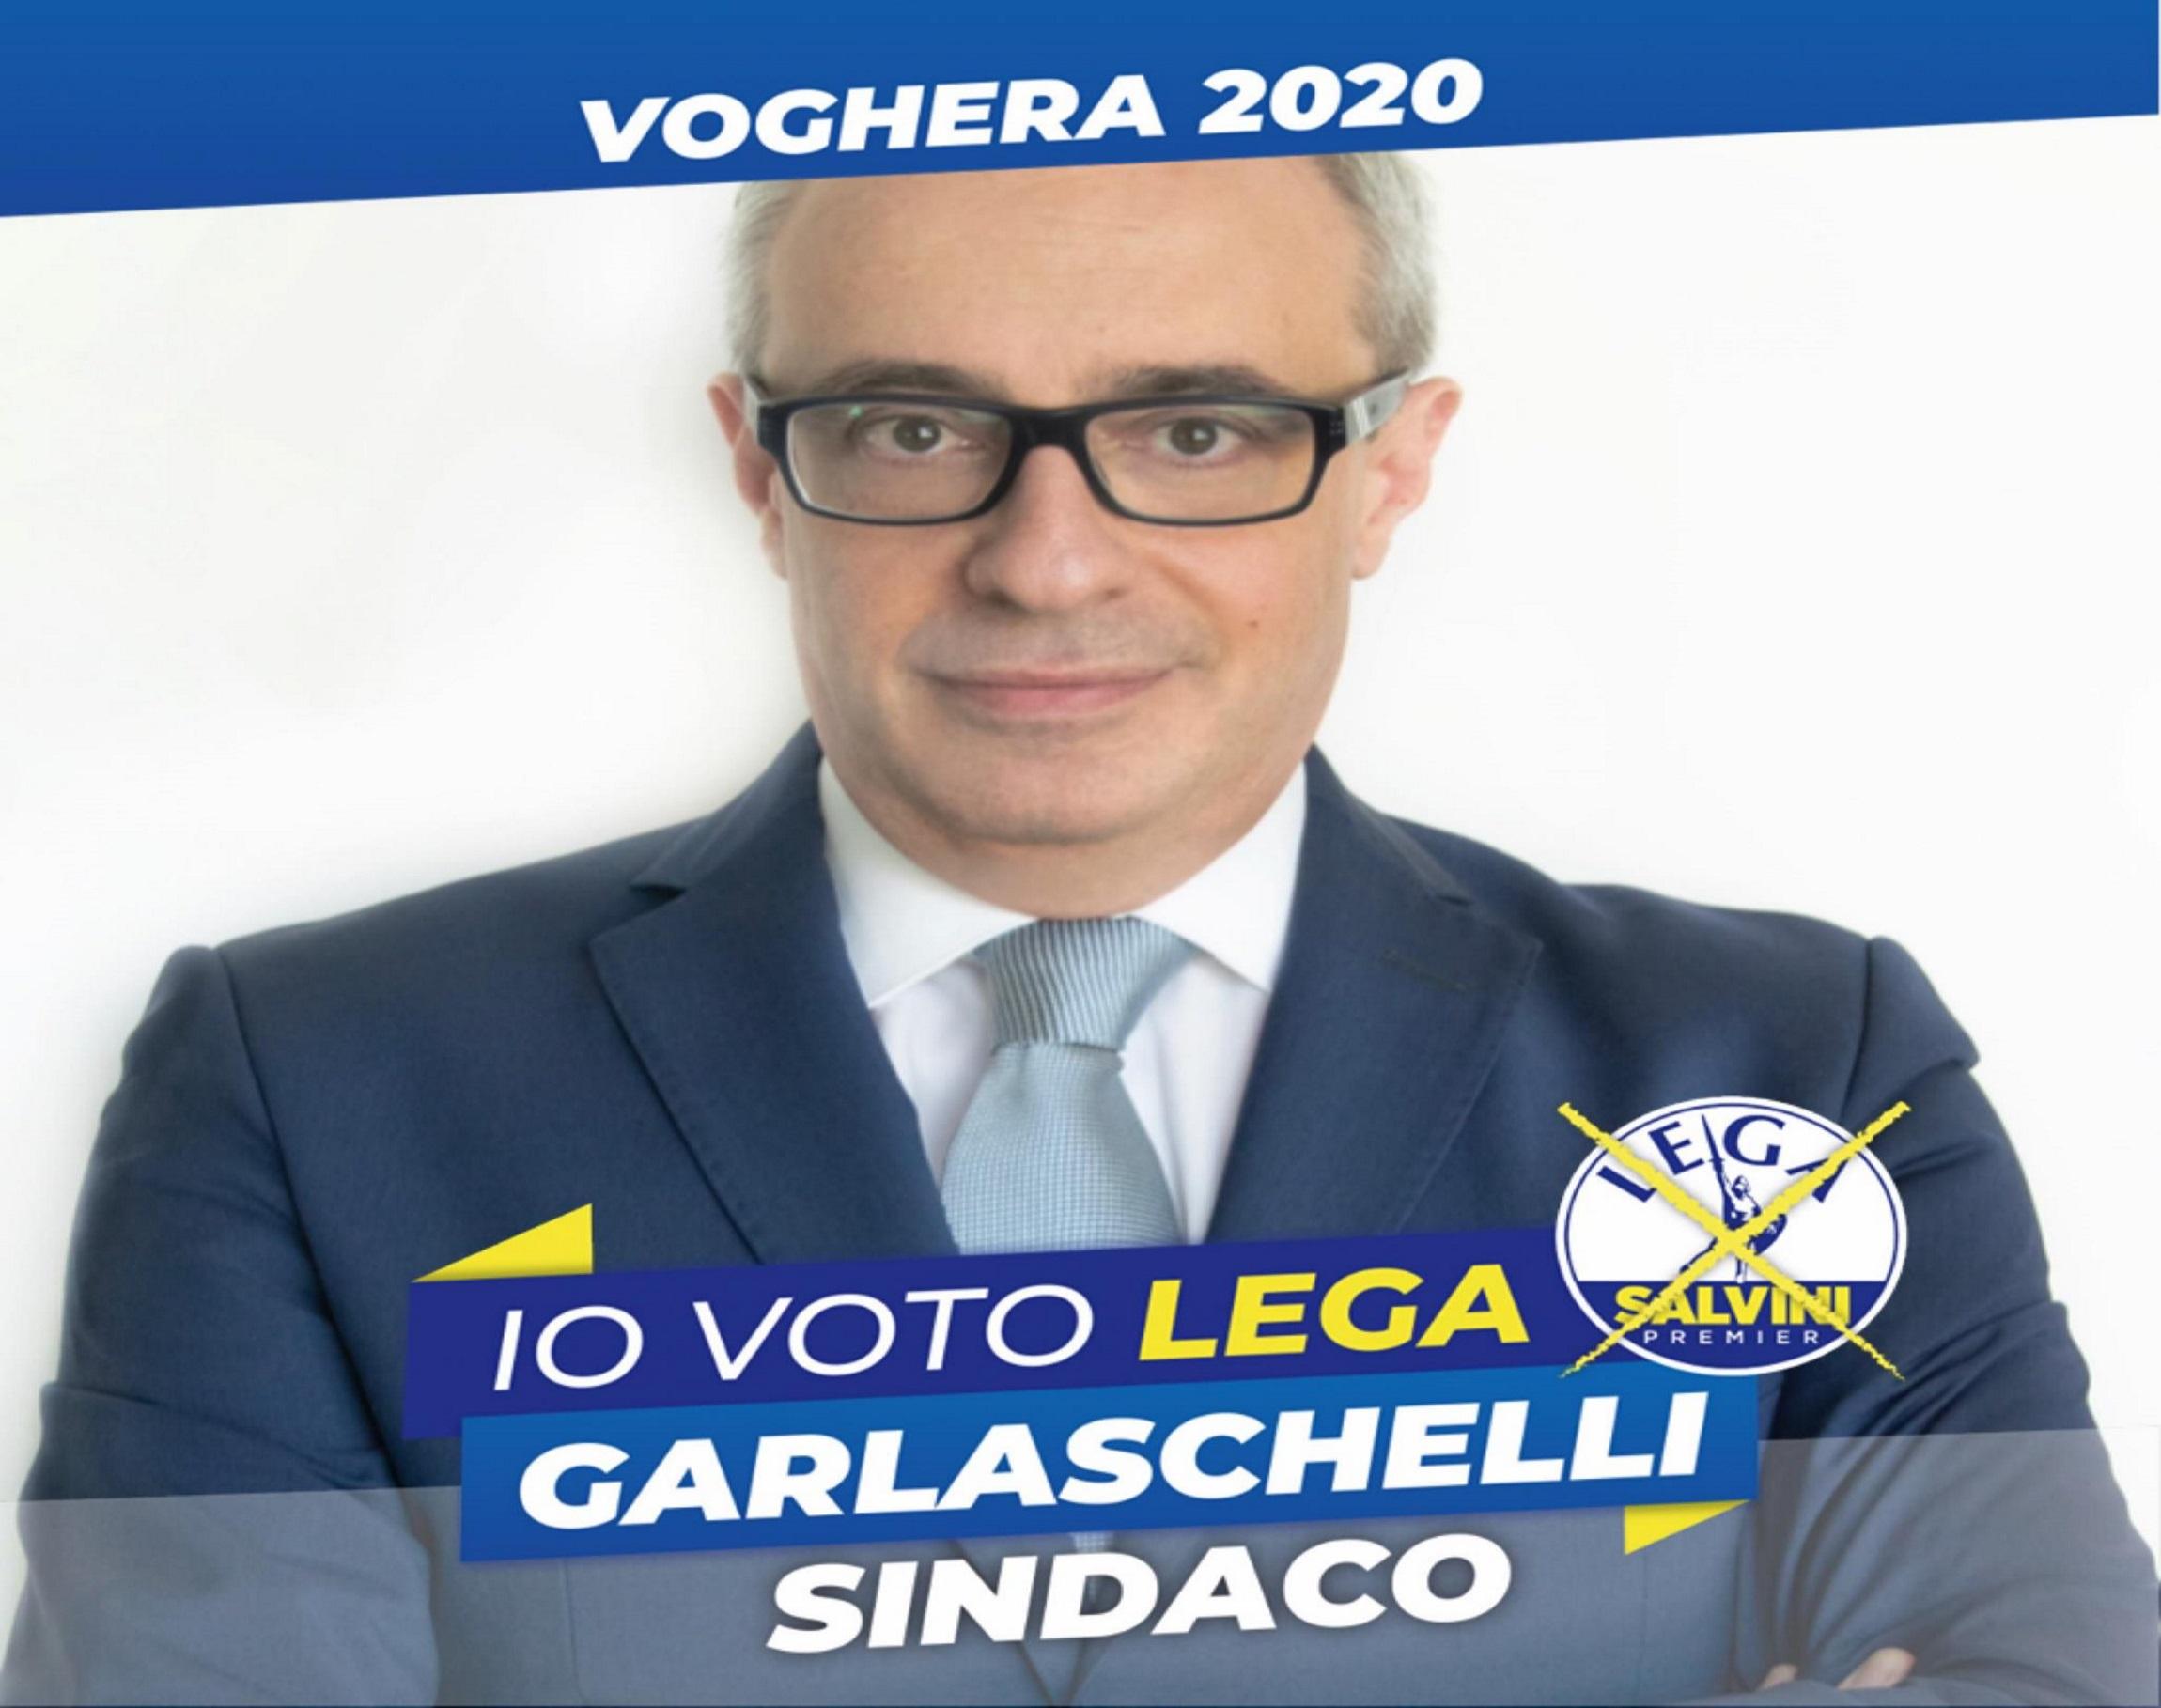 Ιταλία: Δημοτικός σύμβουλος της Λέγκα πυροβόλησε και δολοφόνησε μετανάστη